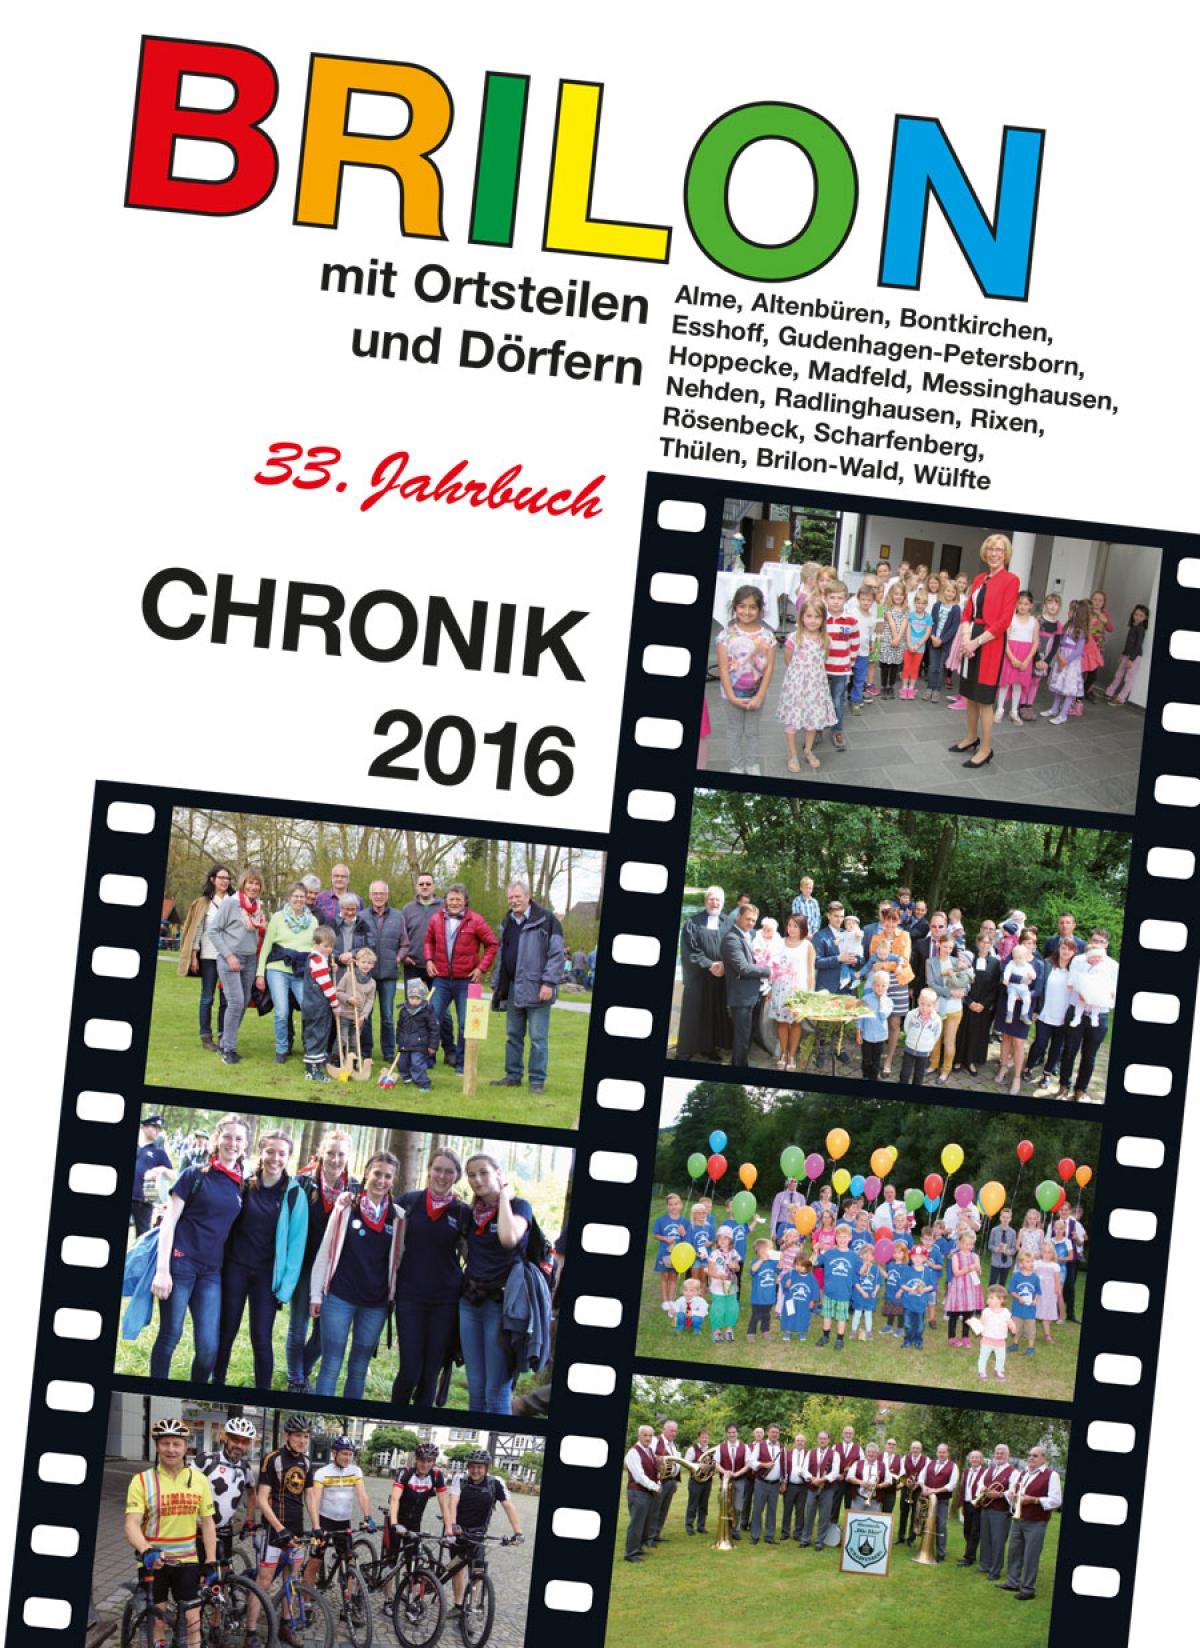 Die Briloner Chronik 2016 ist ab dem 3. Dezember erhältlich